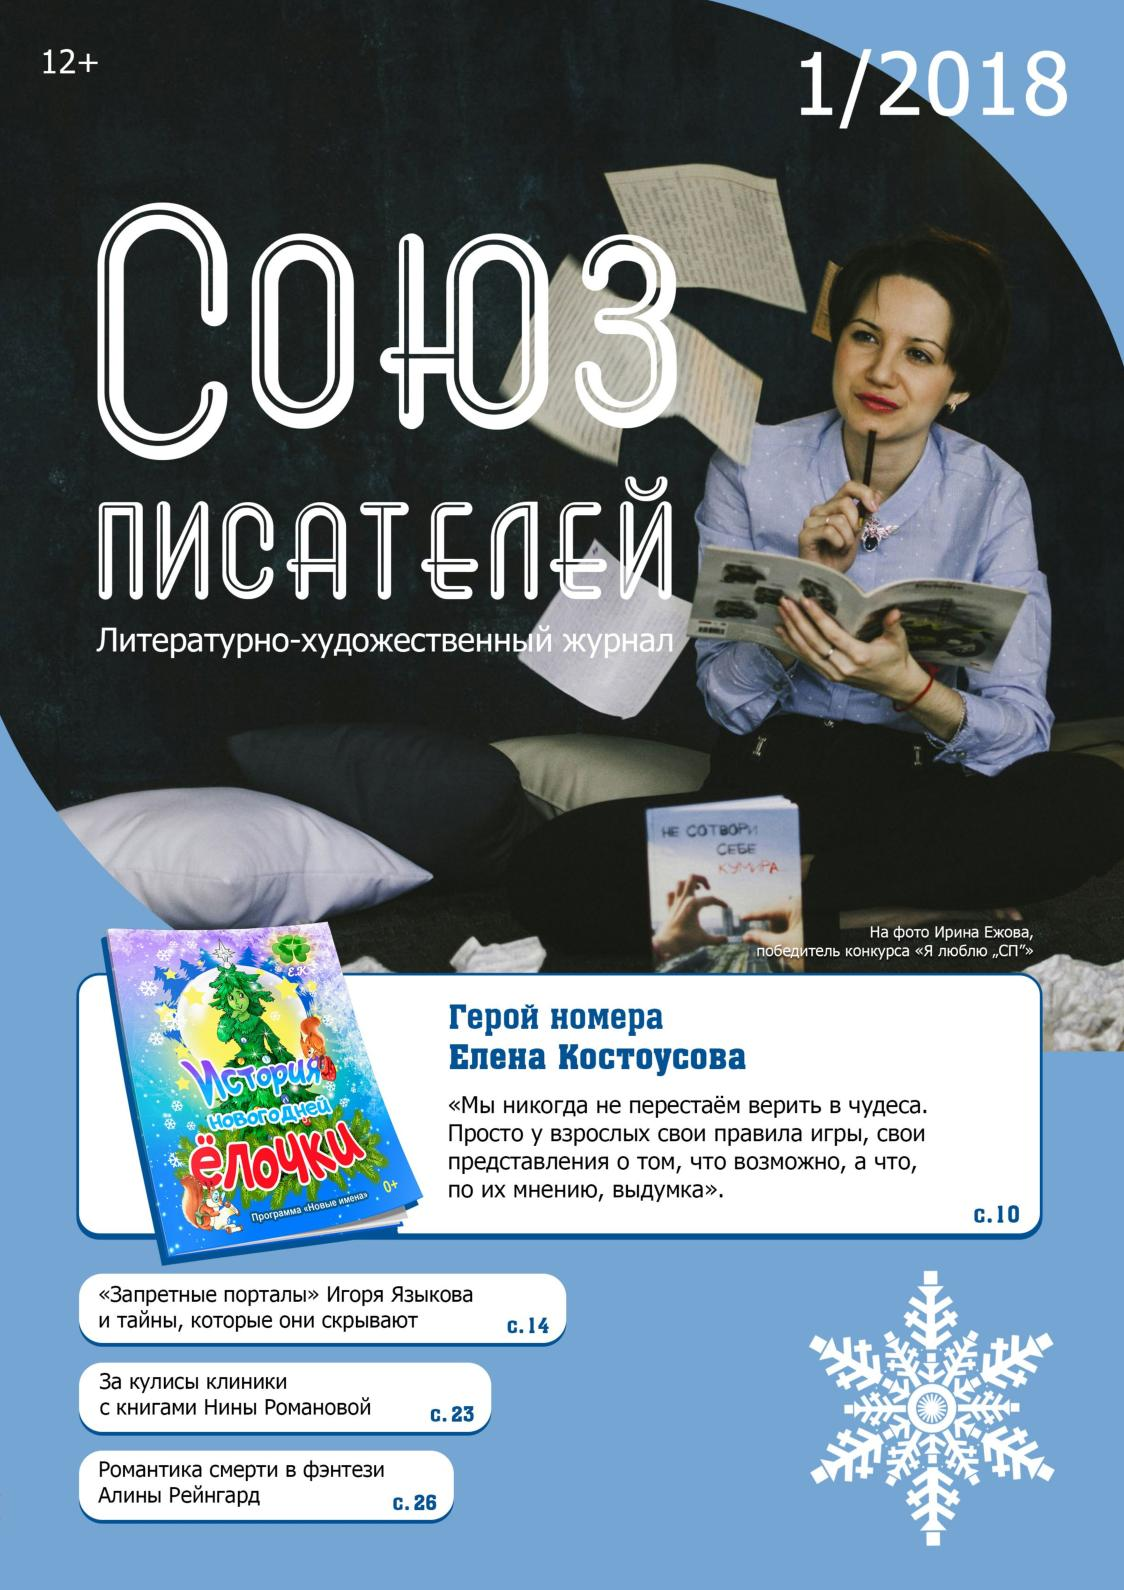 3f2f4e483927 Calaméo - Литературно-художественный журнал «Союз писателей» № 1 2018